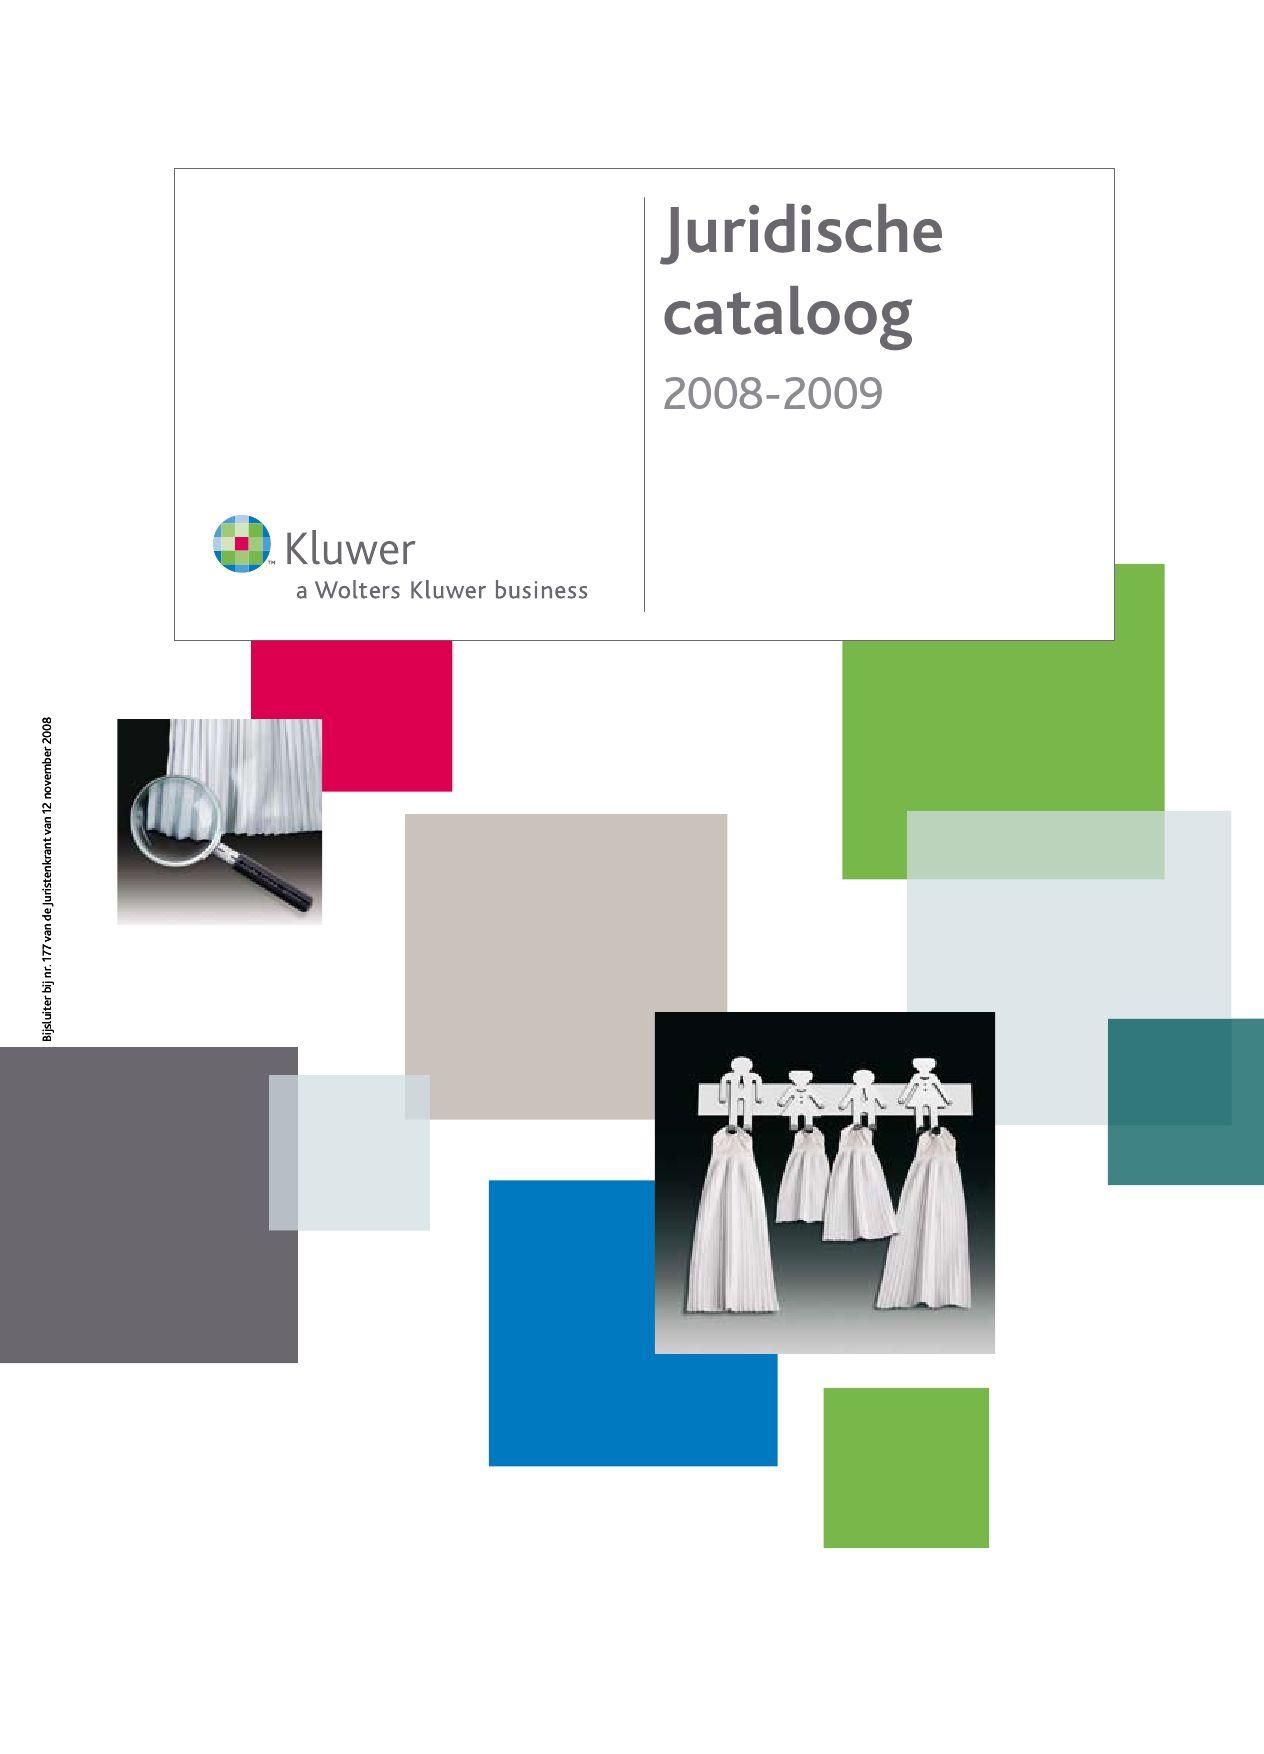 Kluwer Juridische Catalogus 2008 2009 By Cristel Deham Issuu